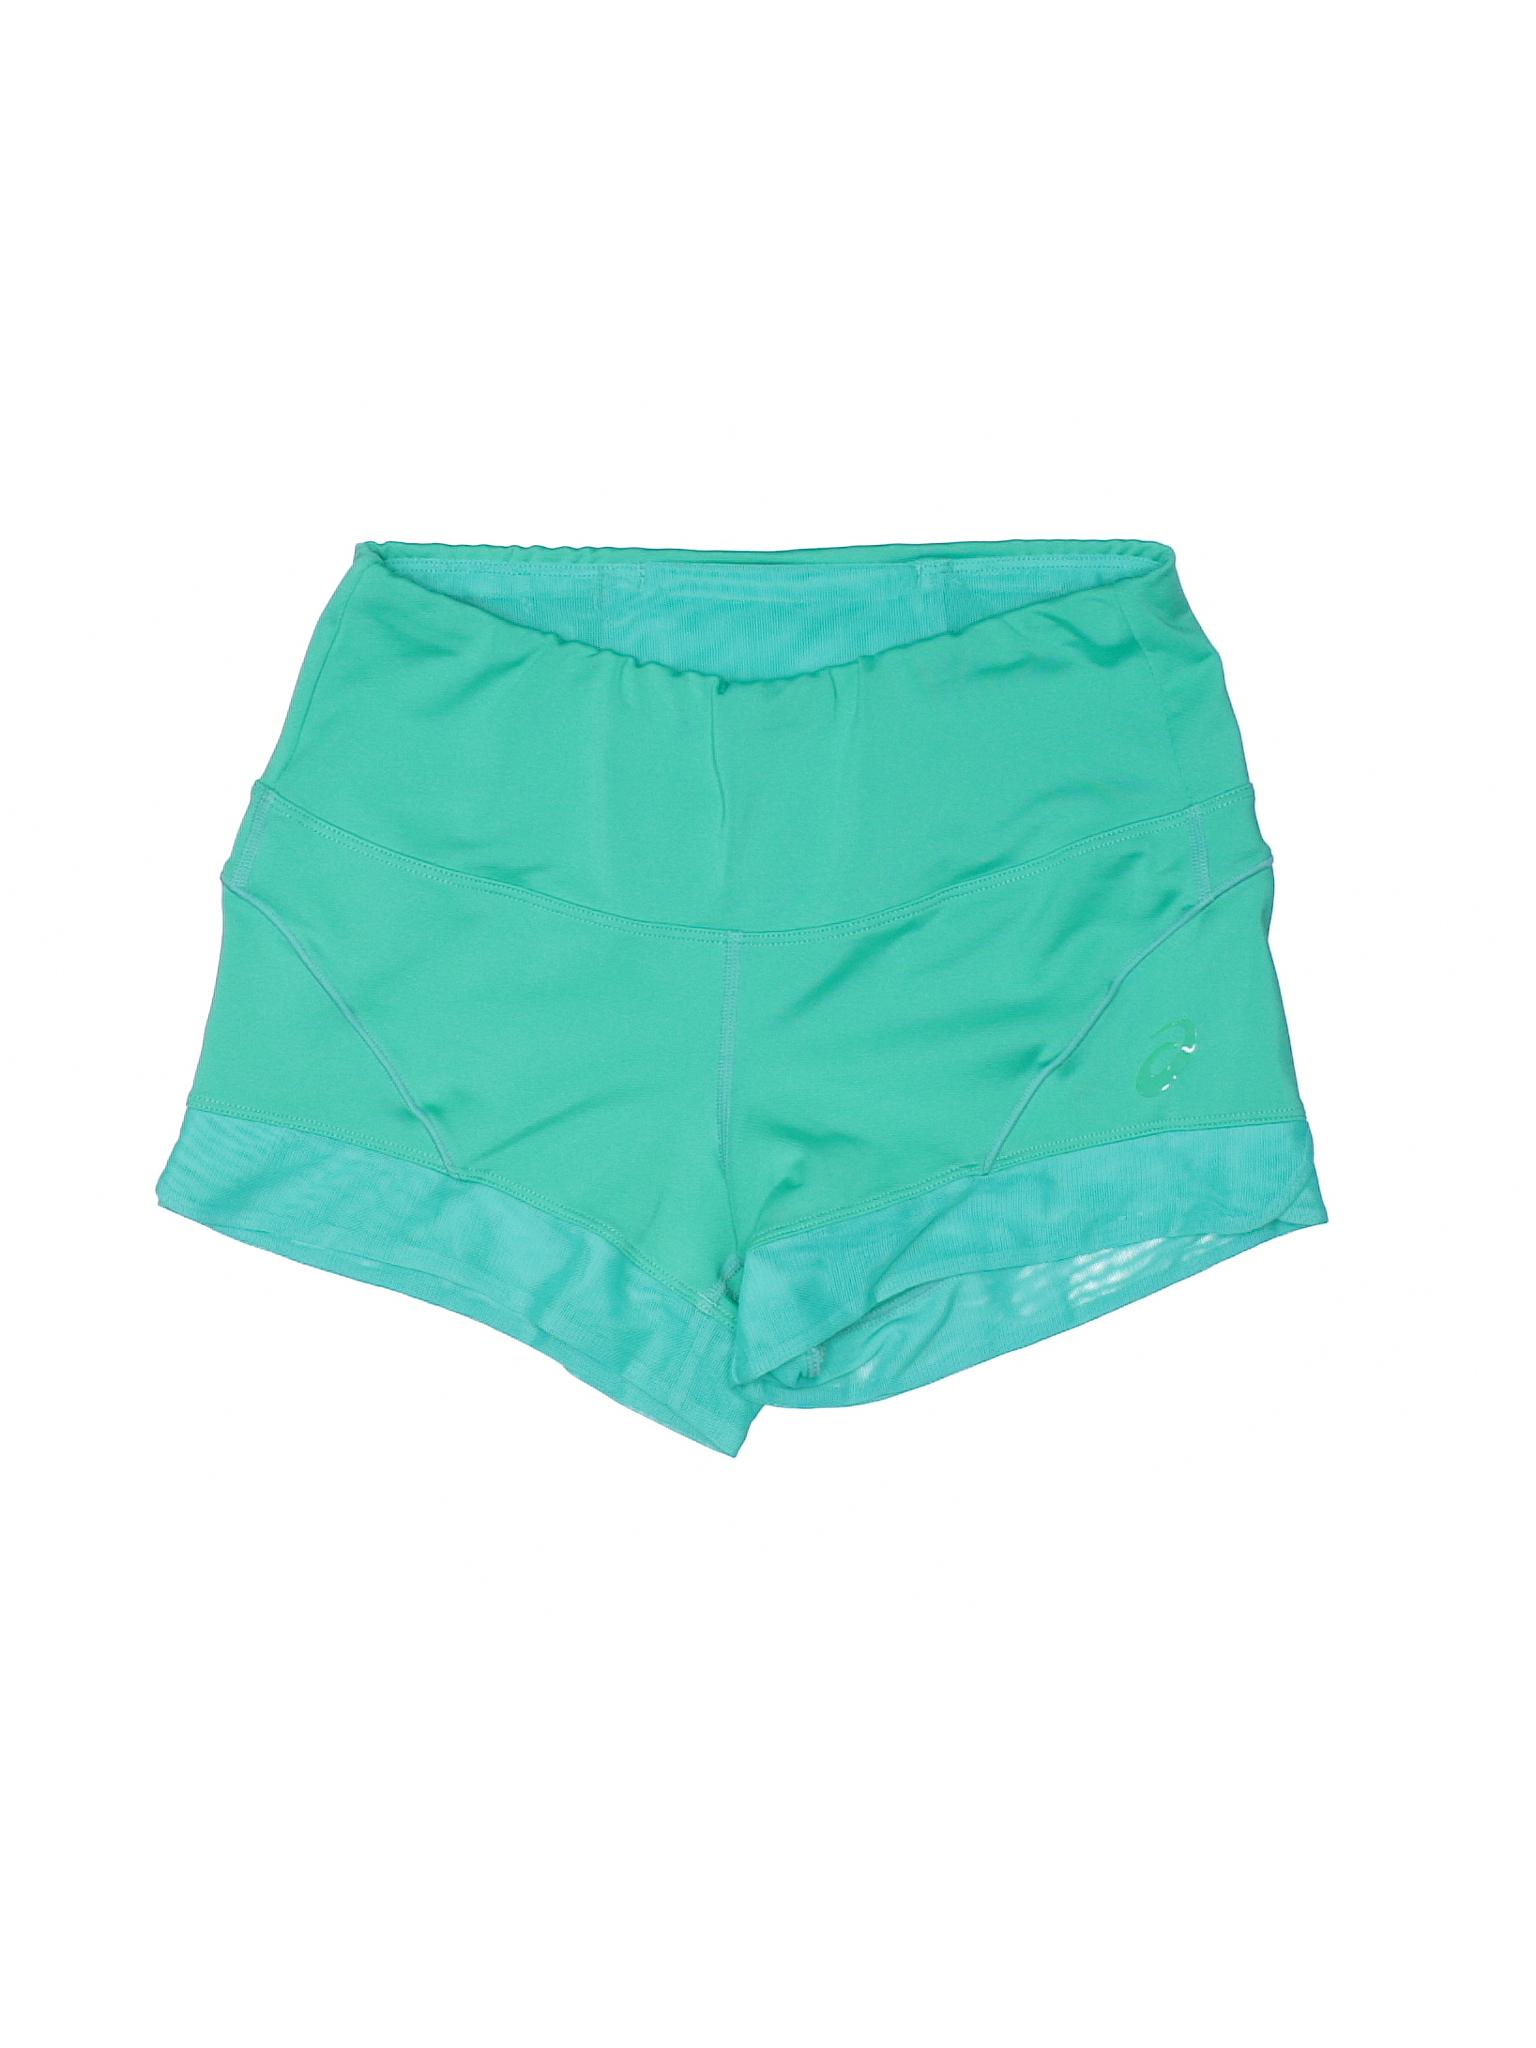 Athletic Shorts Boutique Asics Boutique Asics Athletic IwWTa1nHqU